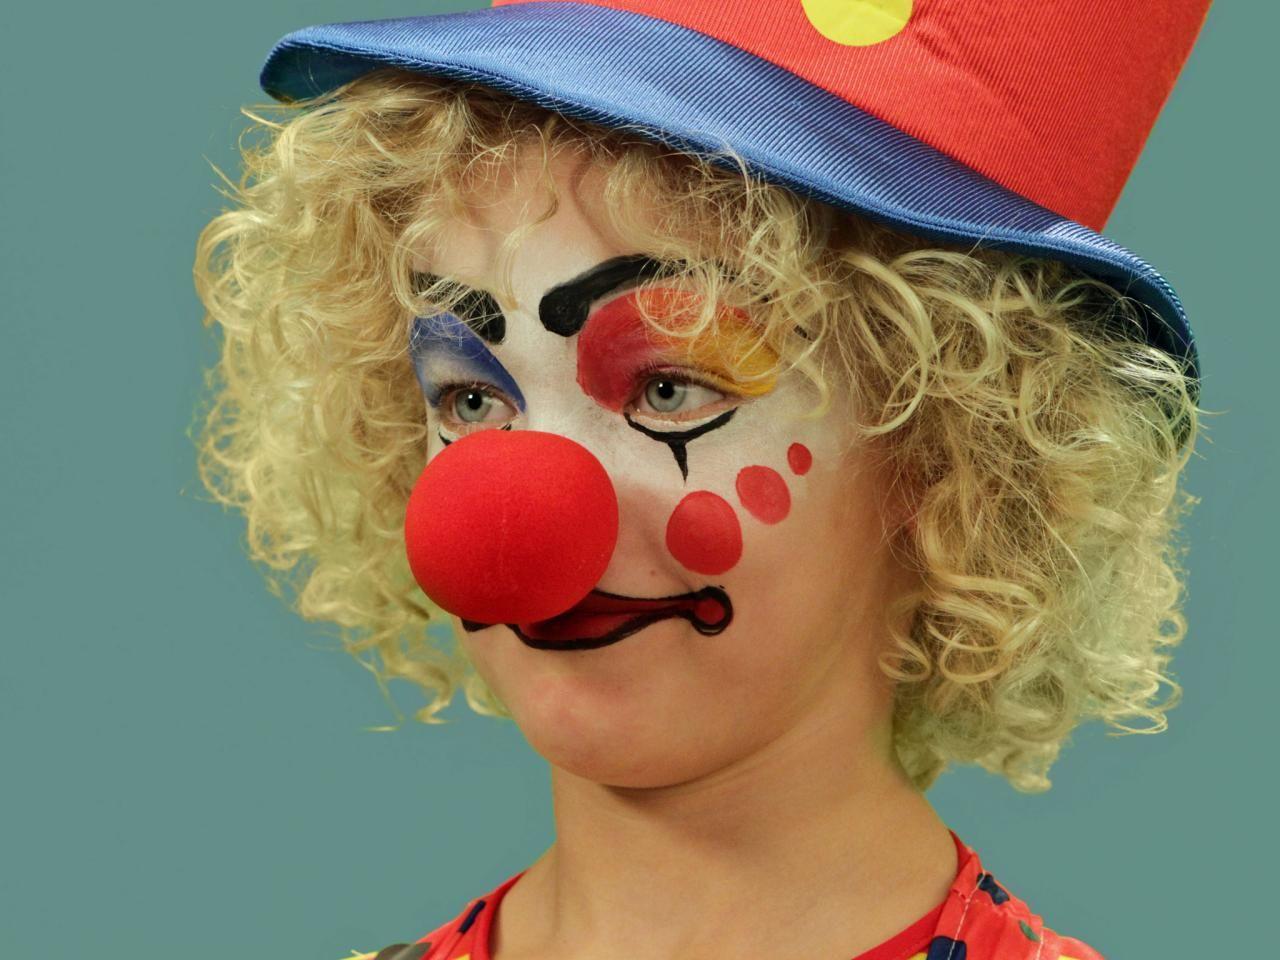 fasching make up im letzten moment clown schminken anleitung clown gesicht malen clown. Black Bedroom Furniture Sets. Home Design Ideas